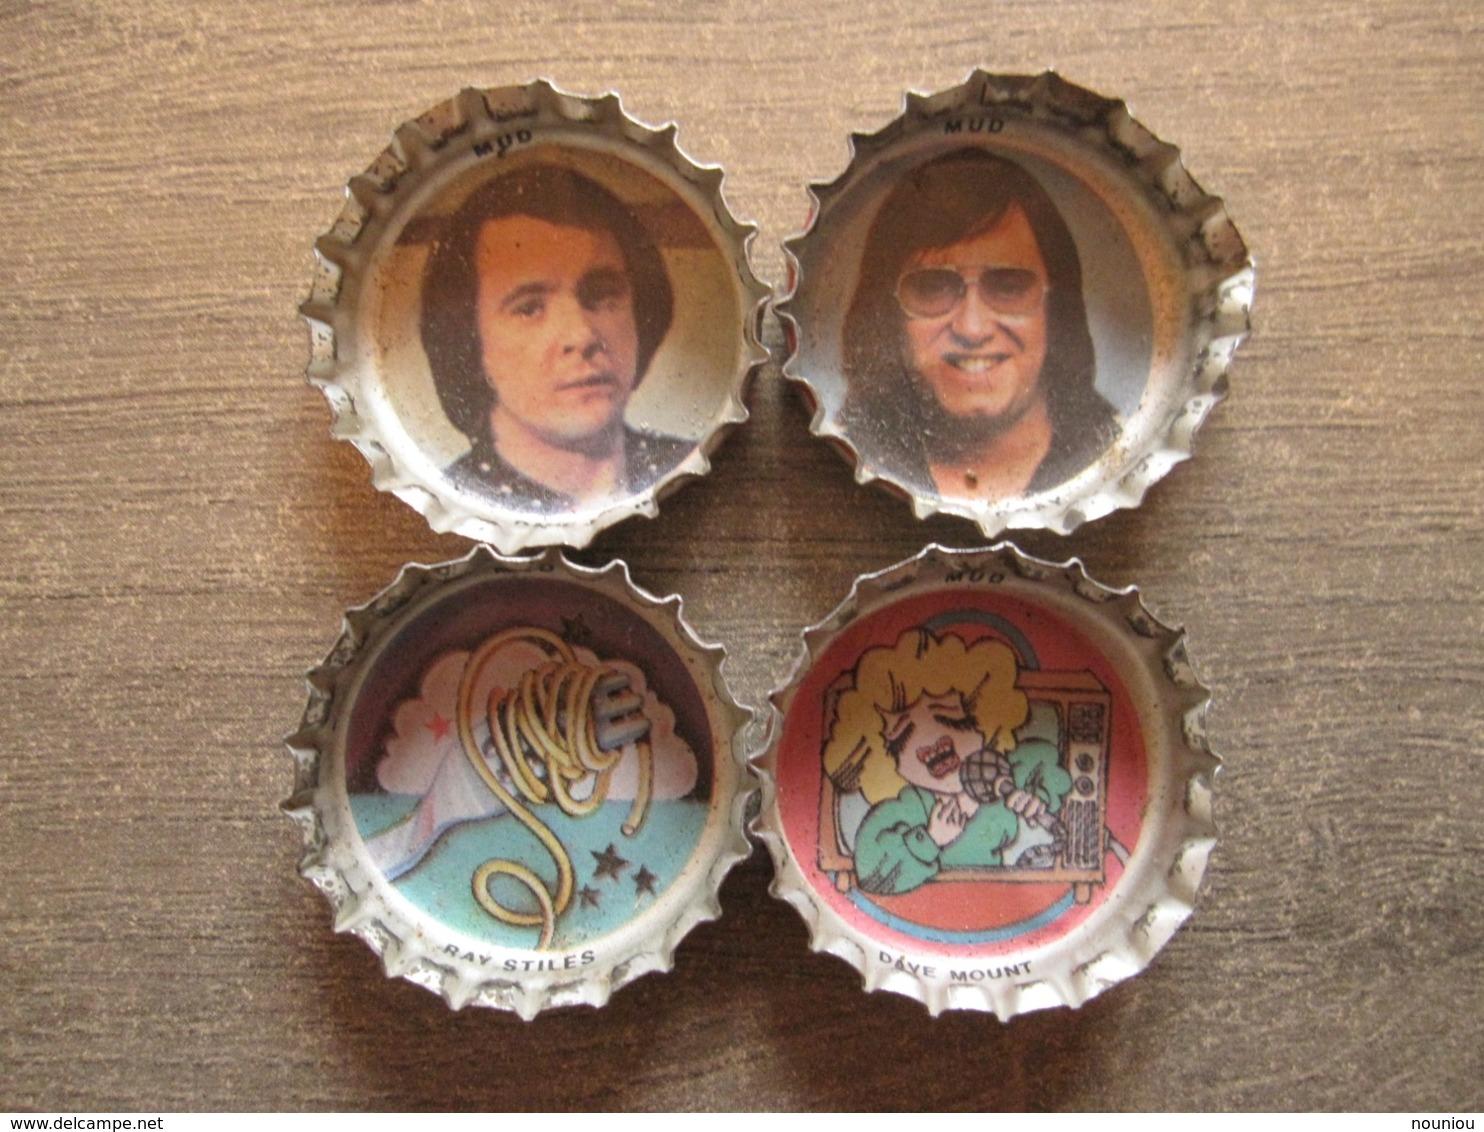 4 Coca-cola Caps Capsule - Mud English British Rock Band Music - Brassico Ghlin (Belgium) - Soda